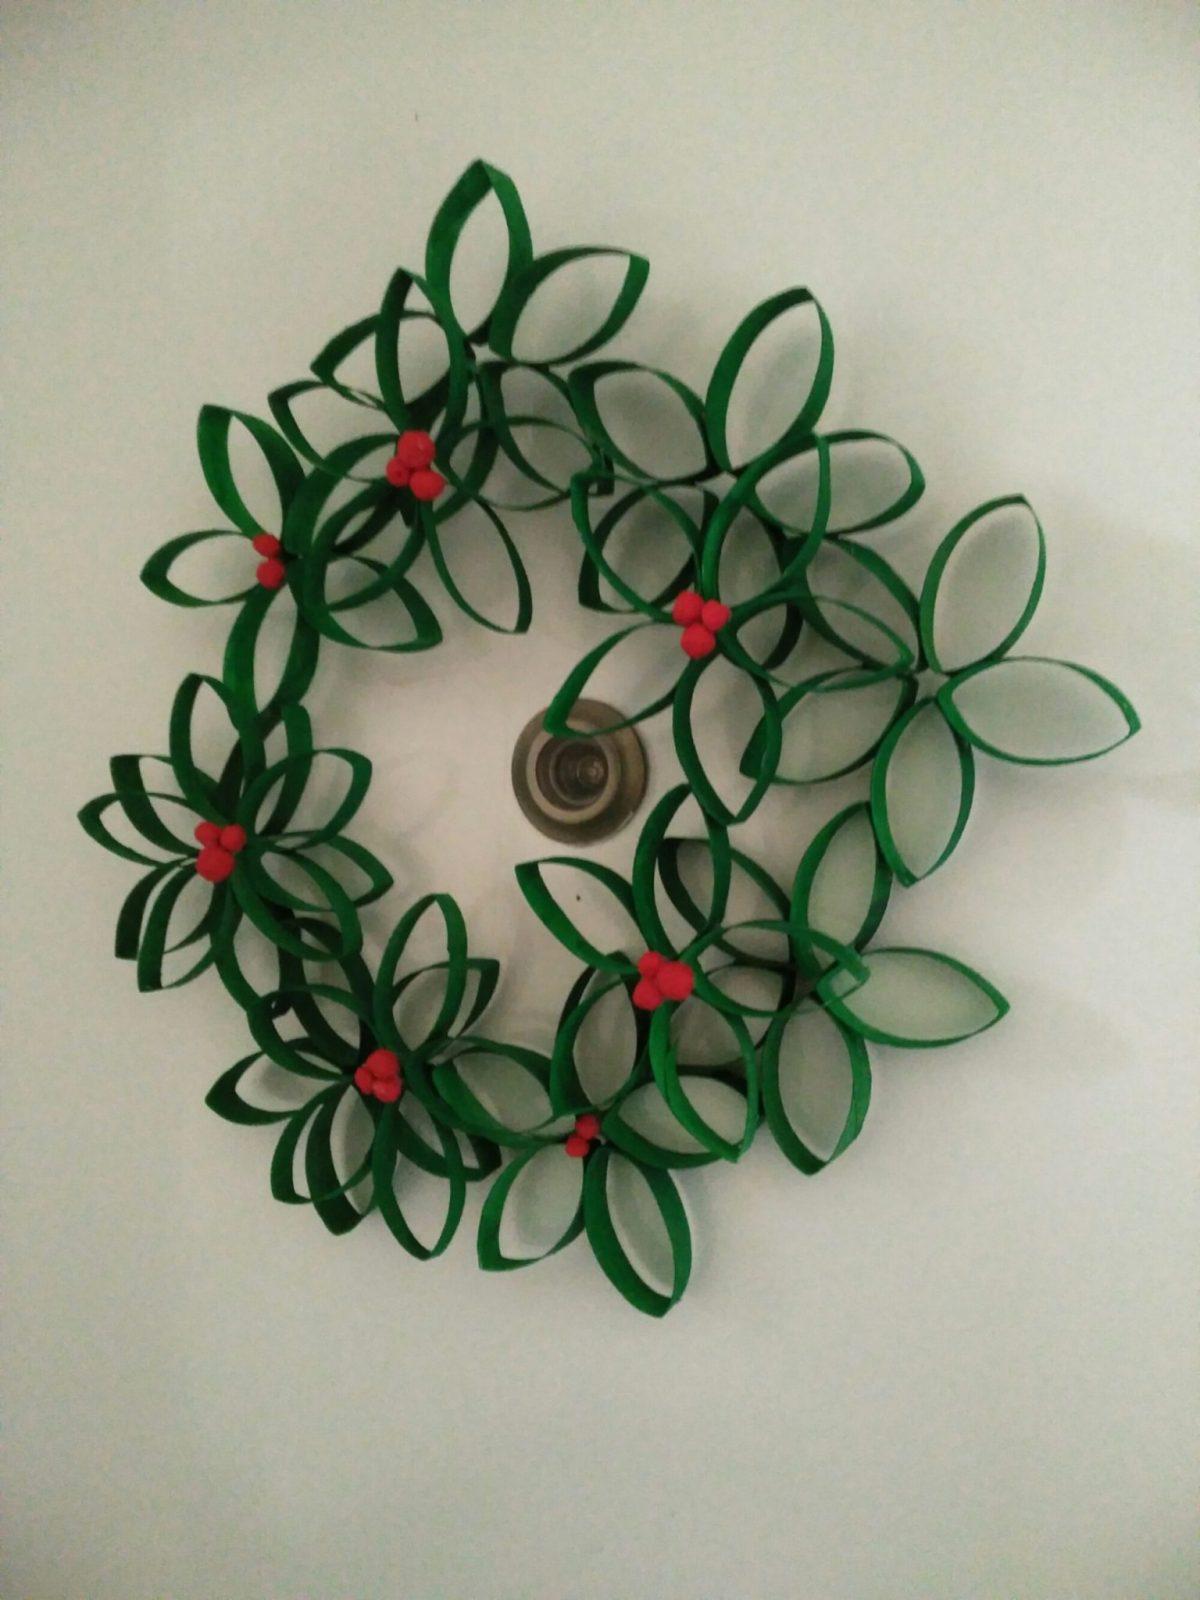 Corona de Navidad - Decoración Navideña DIY